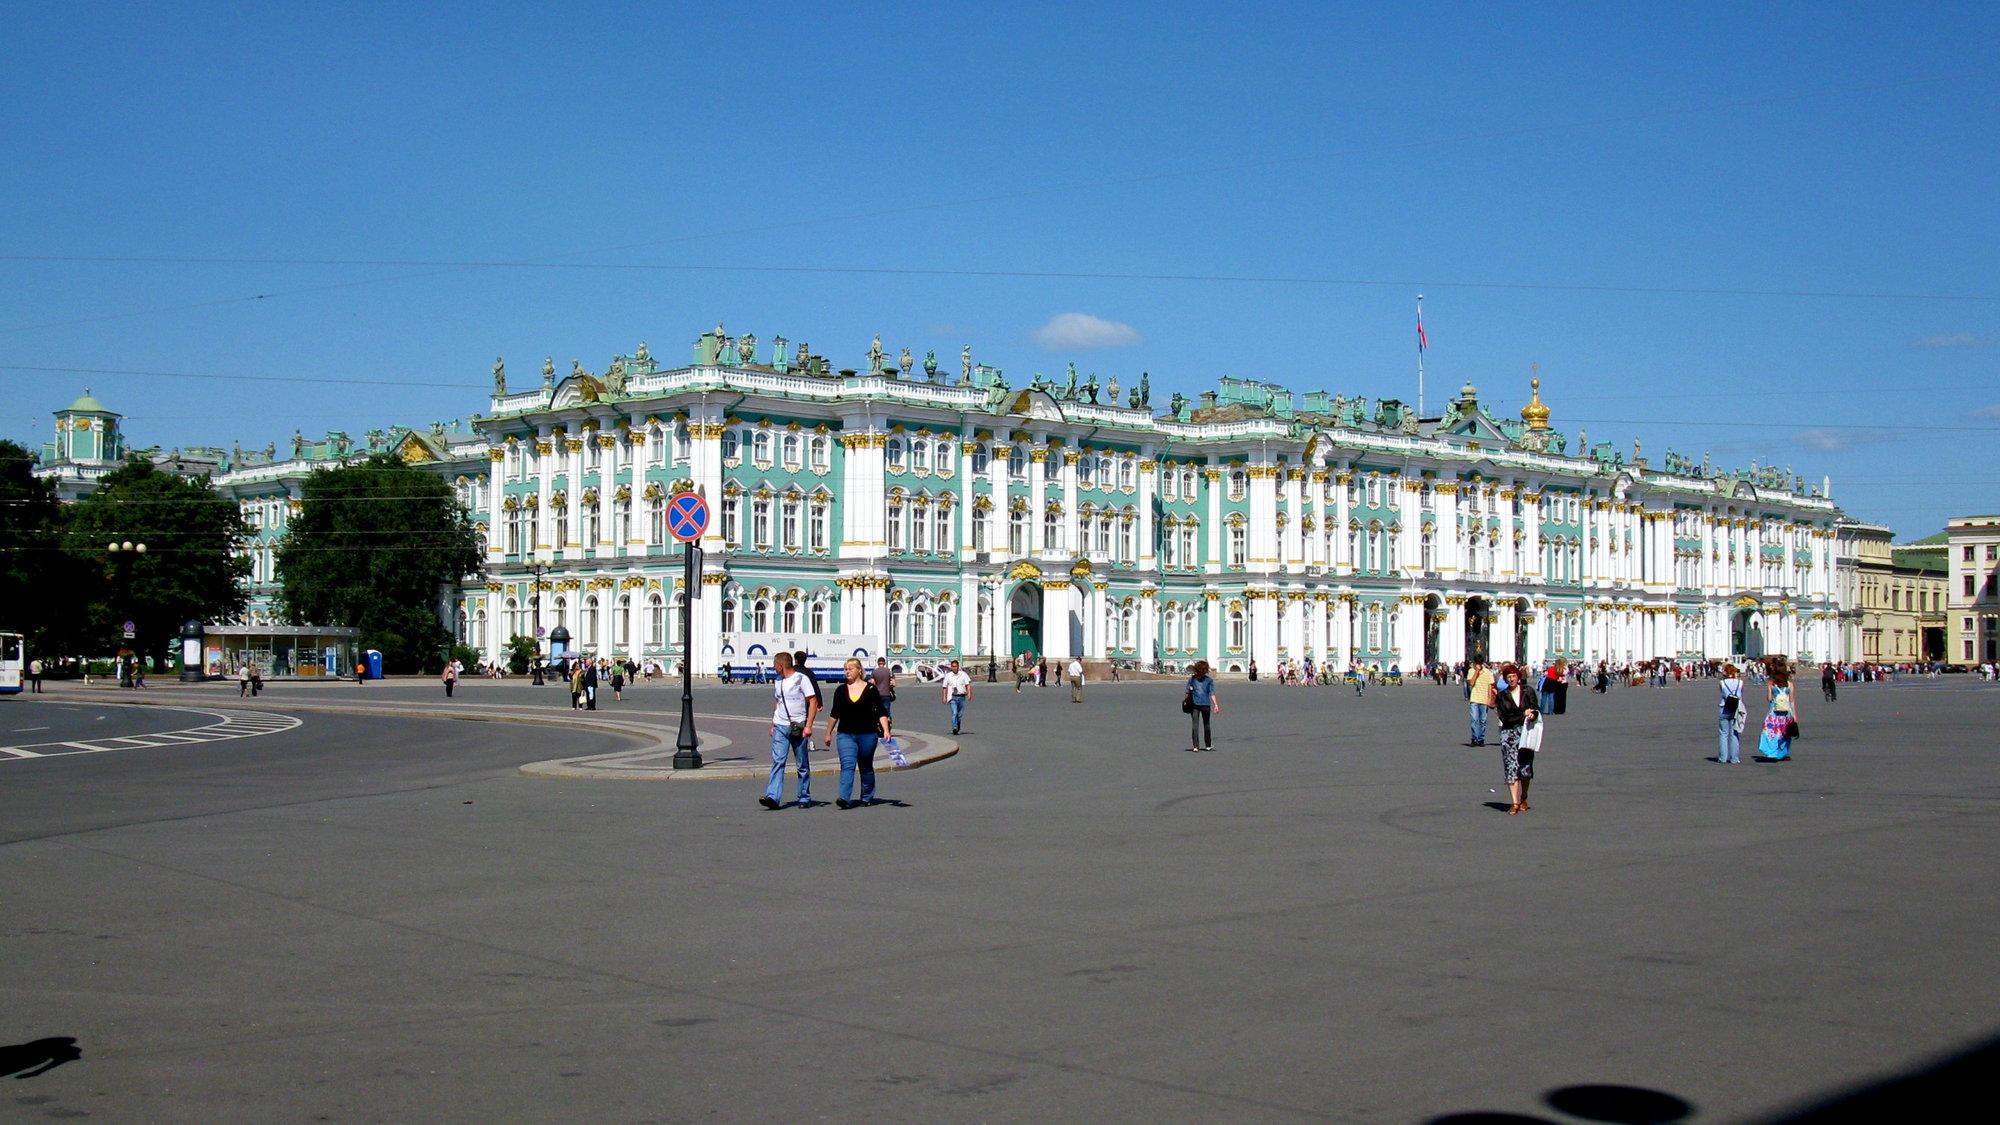 budova Zimného paláca, kde sídlila cárska rodina